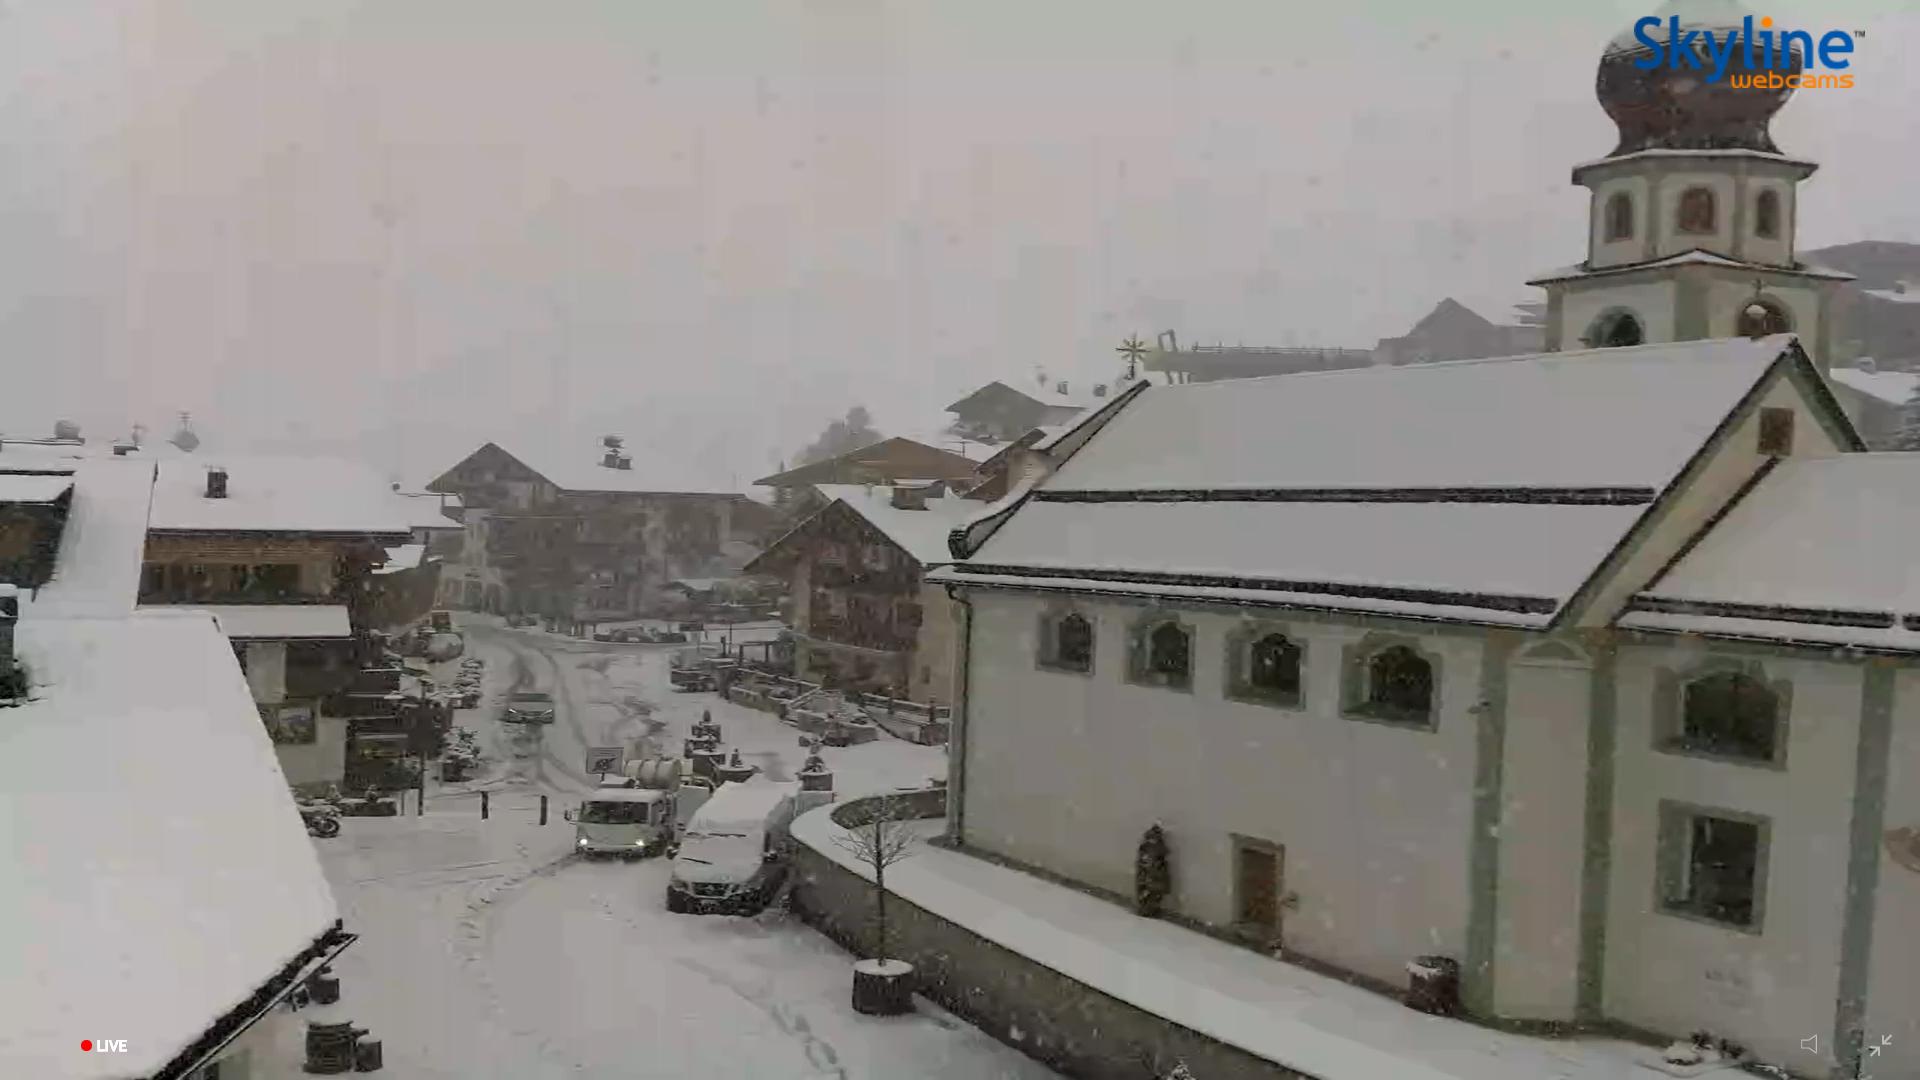 San Cassiano neve 8 novembre 2019